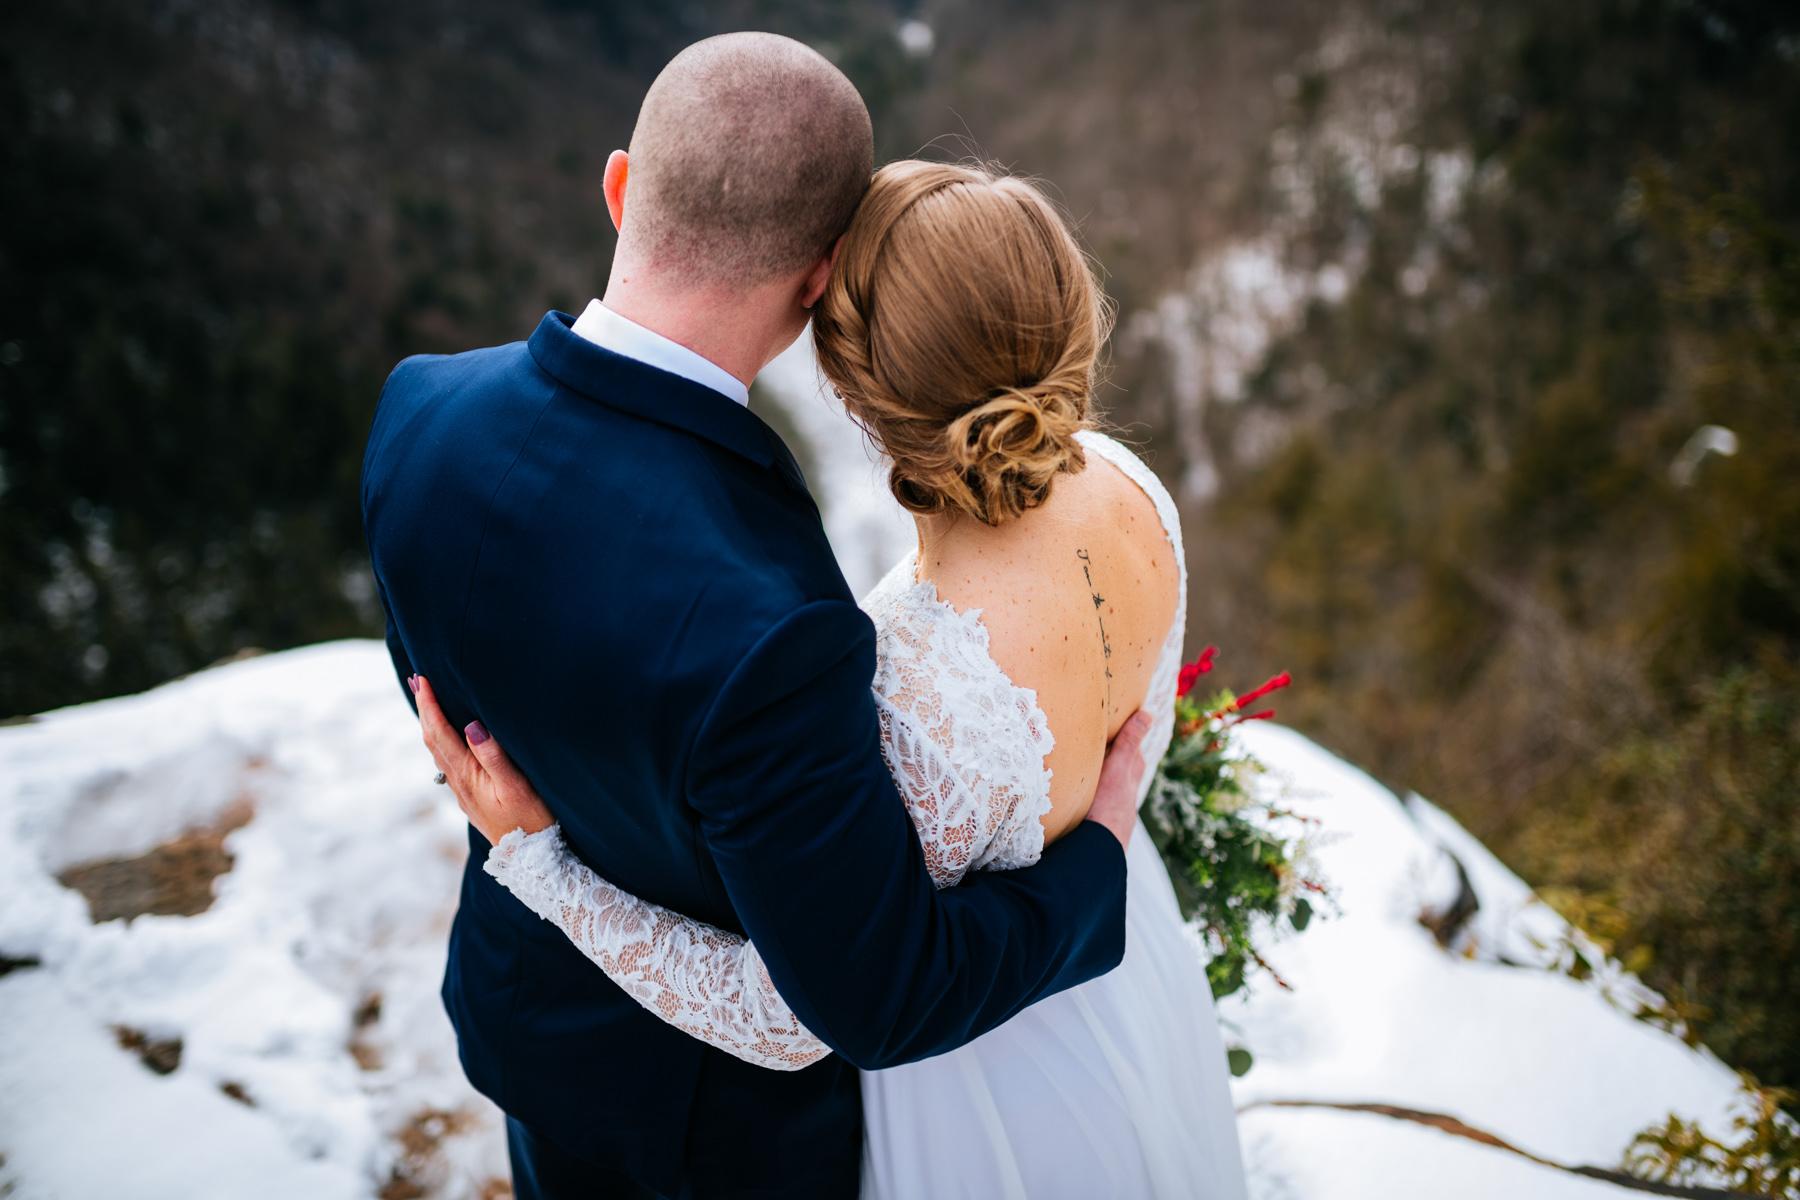 bride and groom backs turned